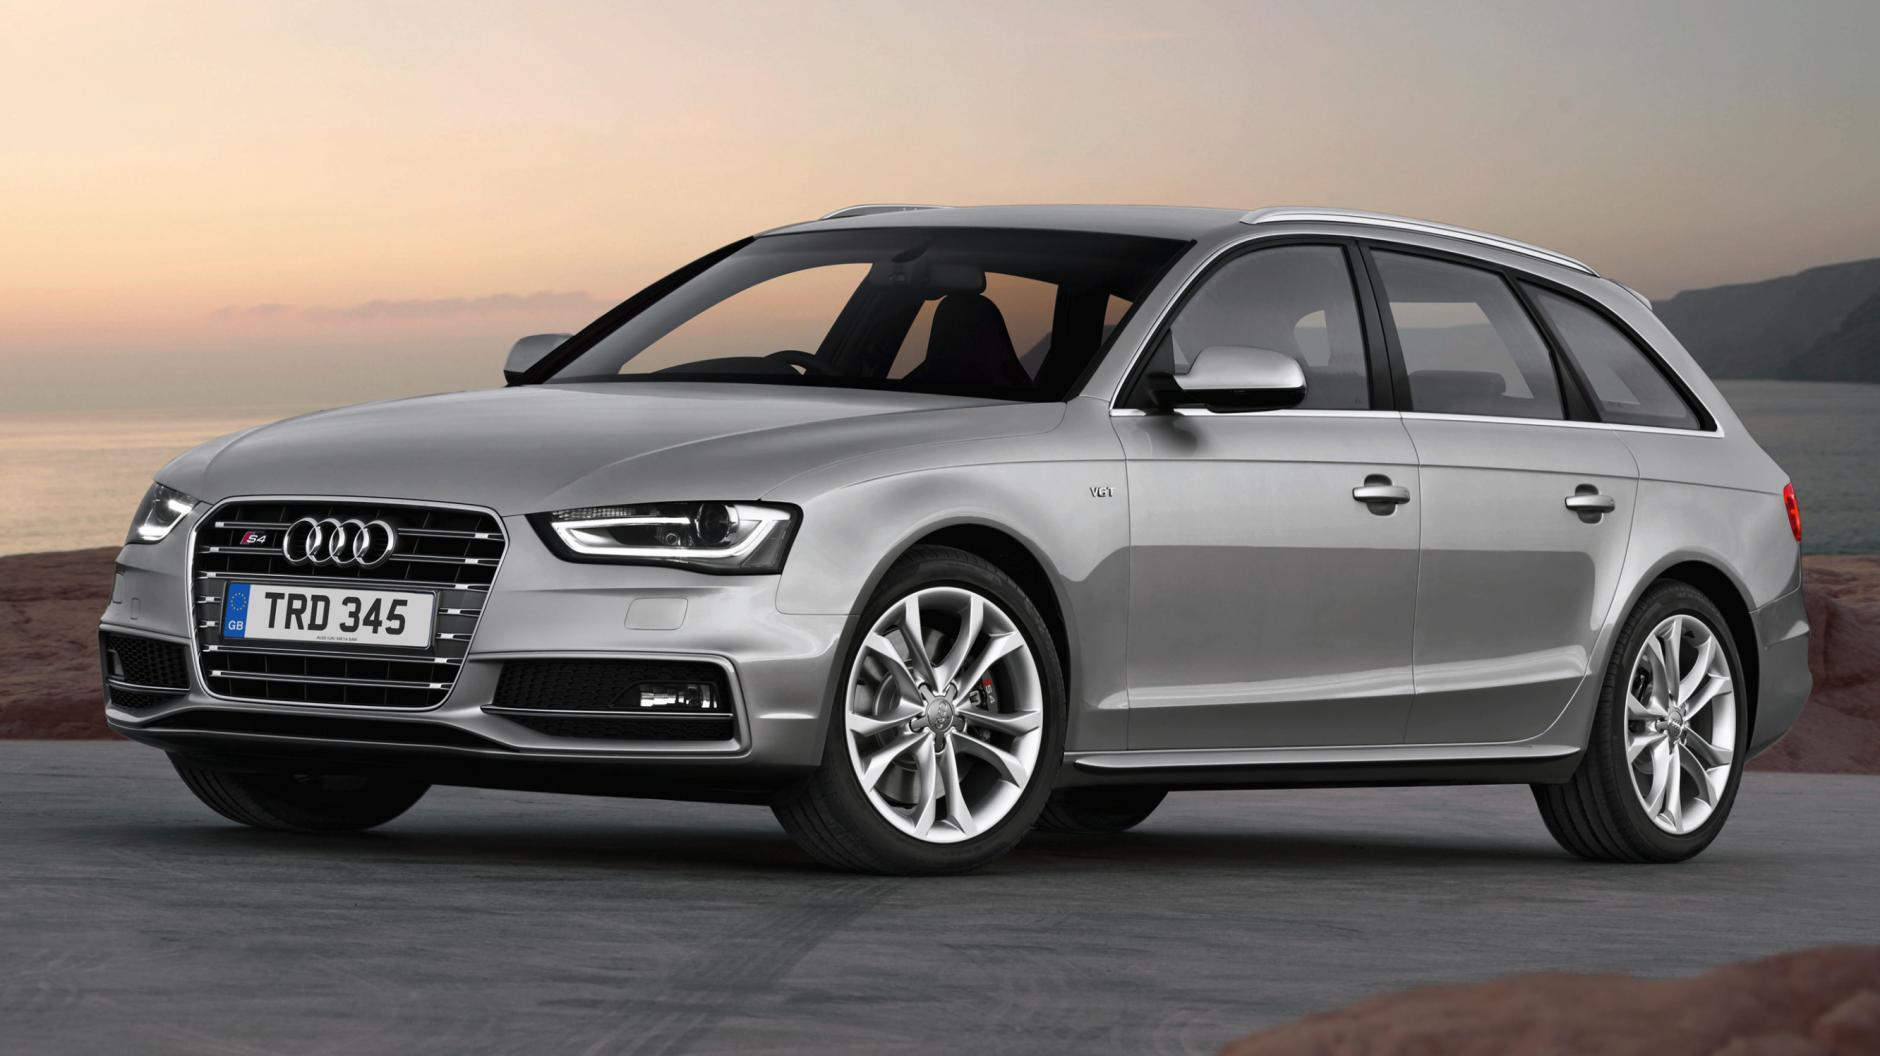 Novo Audi A4 Avant 2016